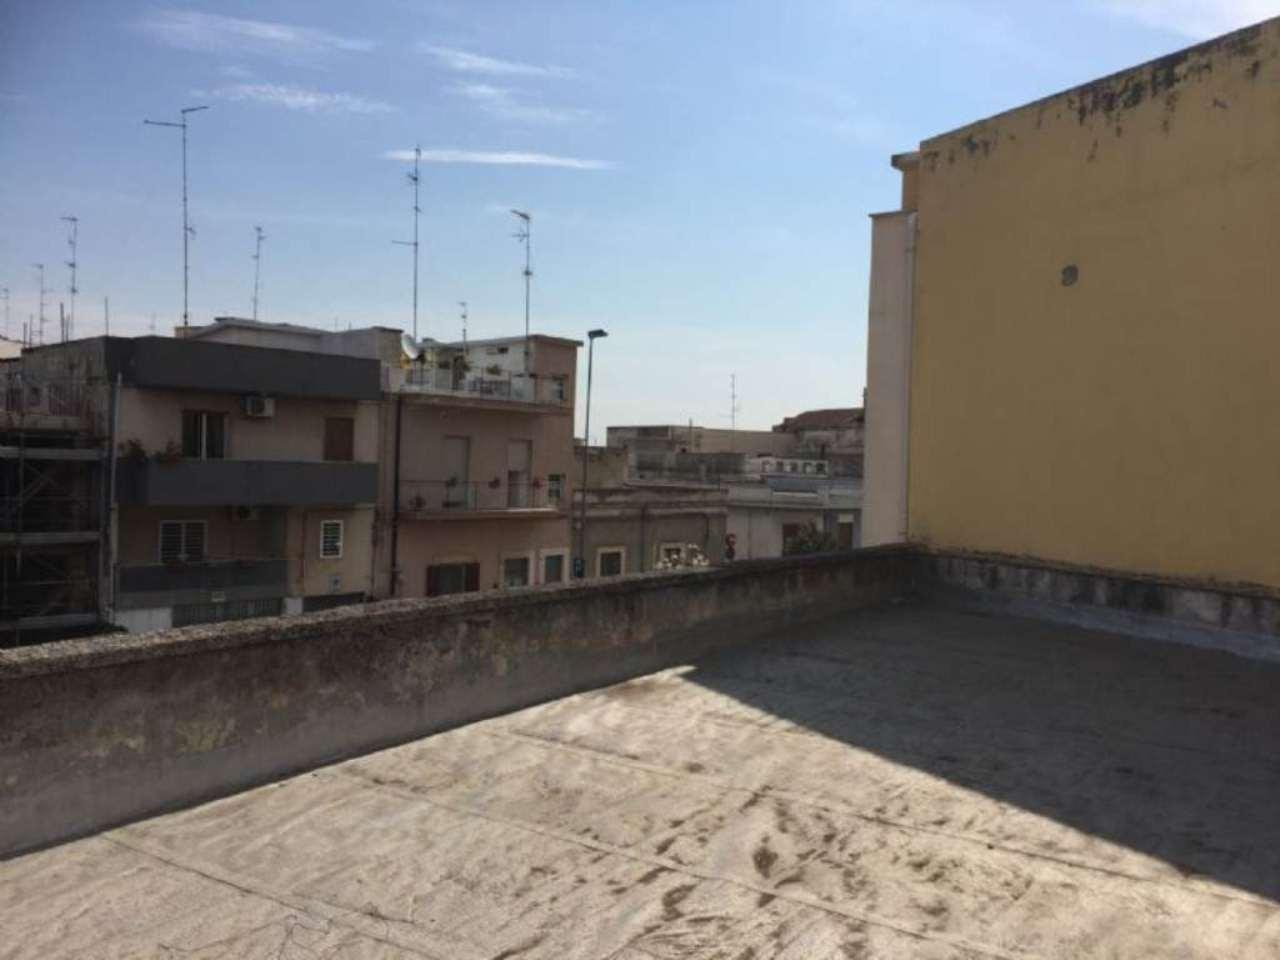 Soluzione Indipendente in vendita a Modugno, 4 locali, prezzo € 215.000 | Cambio Casa.it